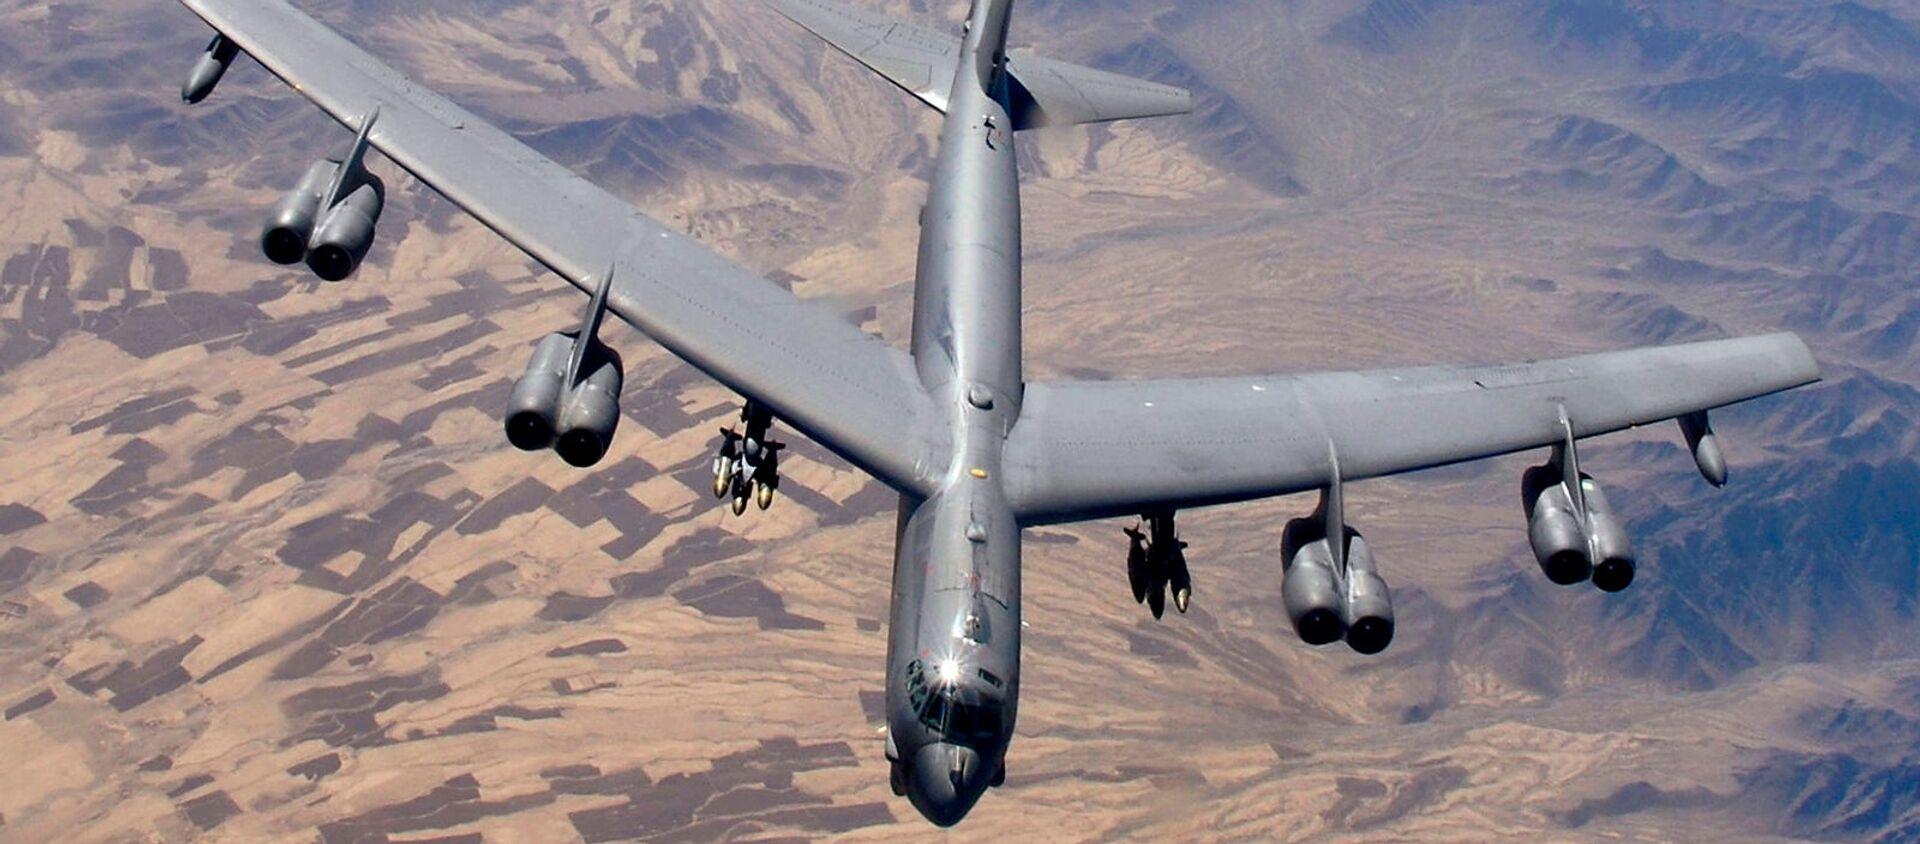 Бомбардировщик B-52 Stratofortress готовится к дозаправке (9 февраля 2006). Афганистан - Sputnik Армения, 1920, 08.03.2021